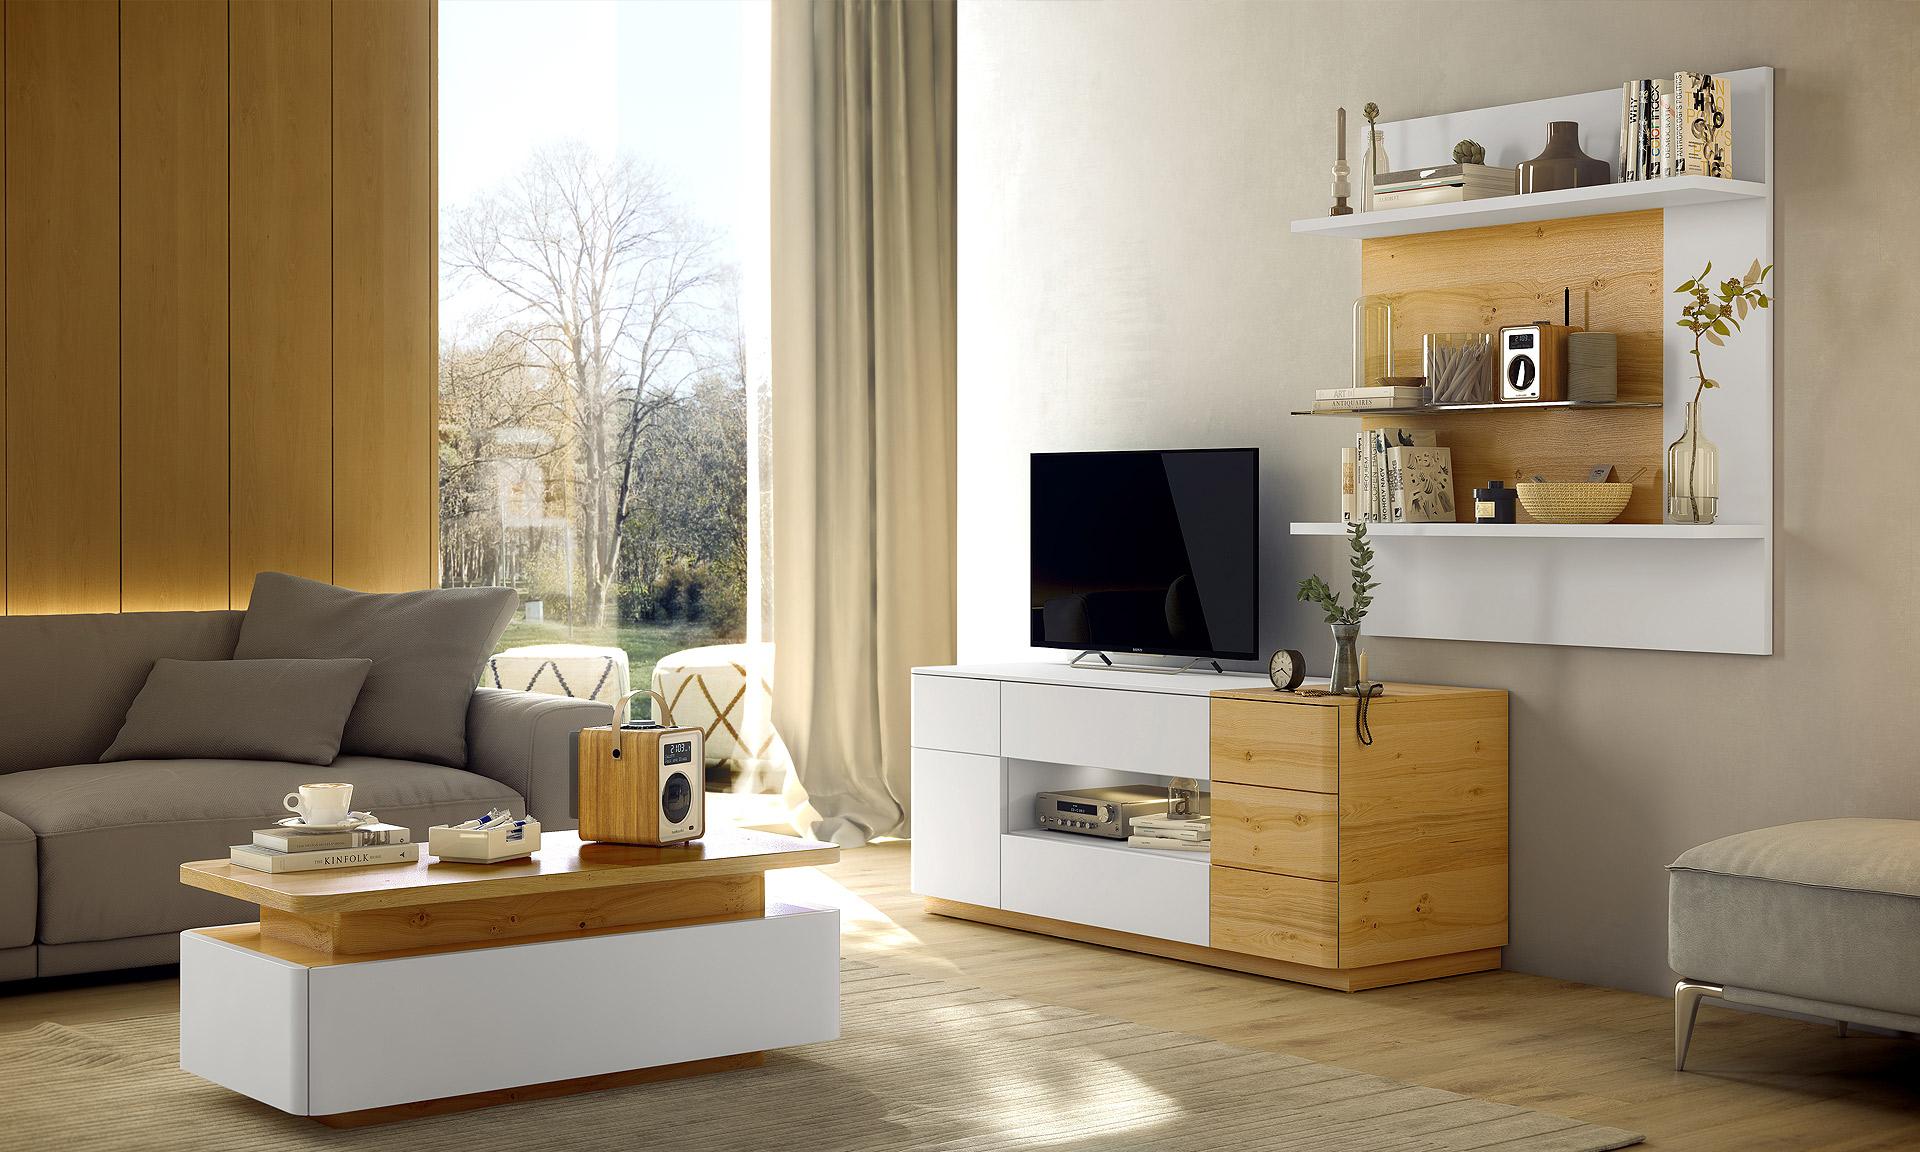 Meuble sejour macrocosme meubles goulard saint brieuc - Meubles degriffes saint brieuc ...